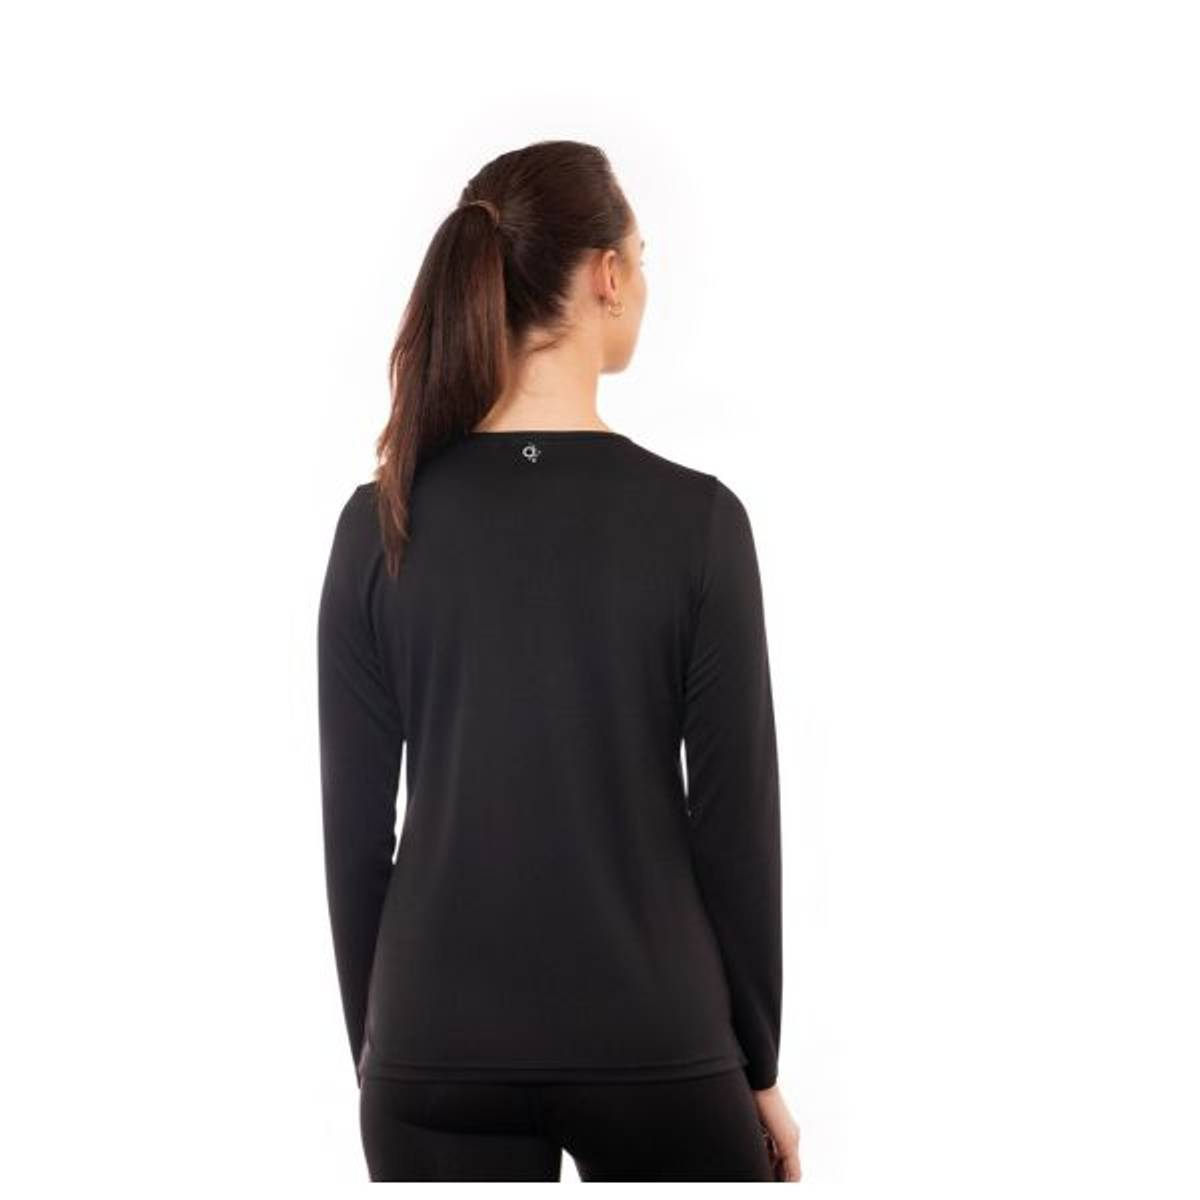 AVIRO T-skjorte lang arm, for dame